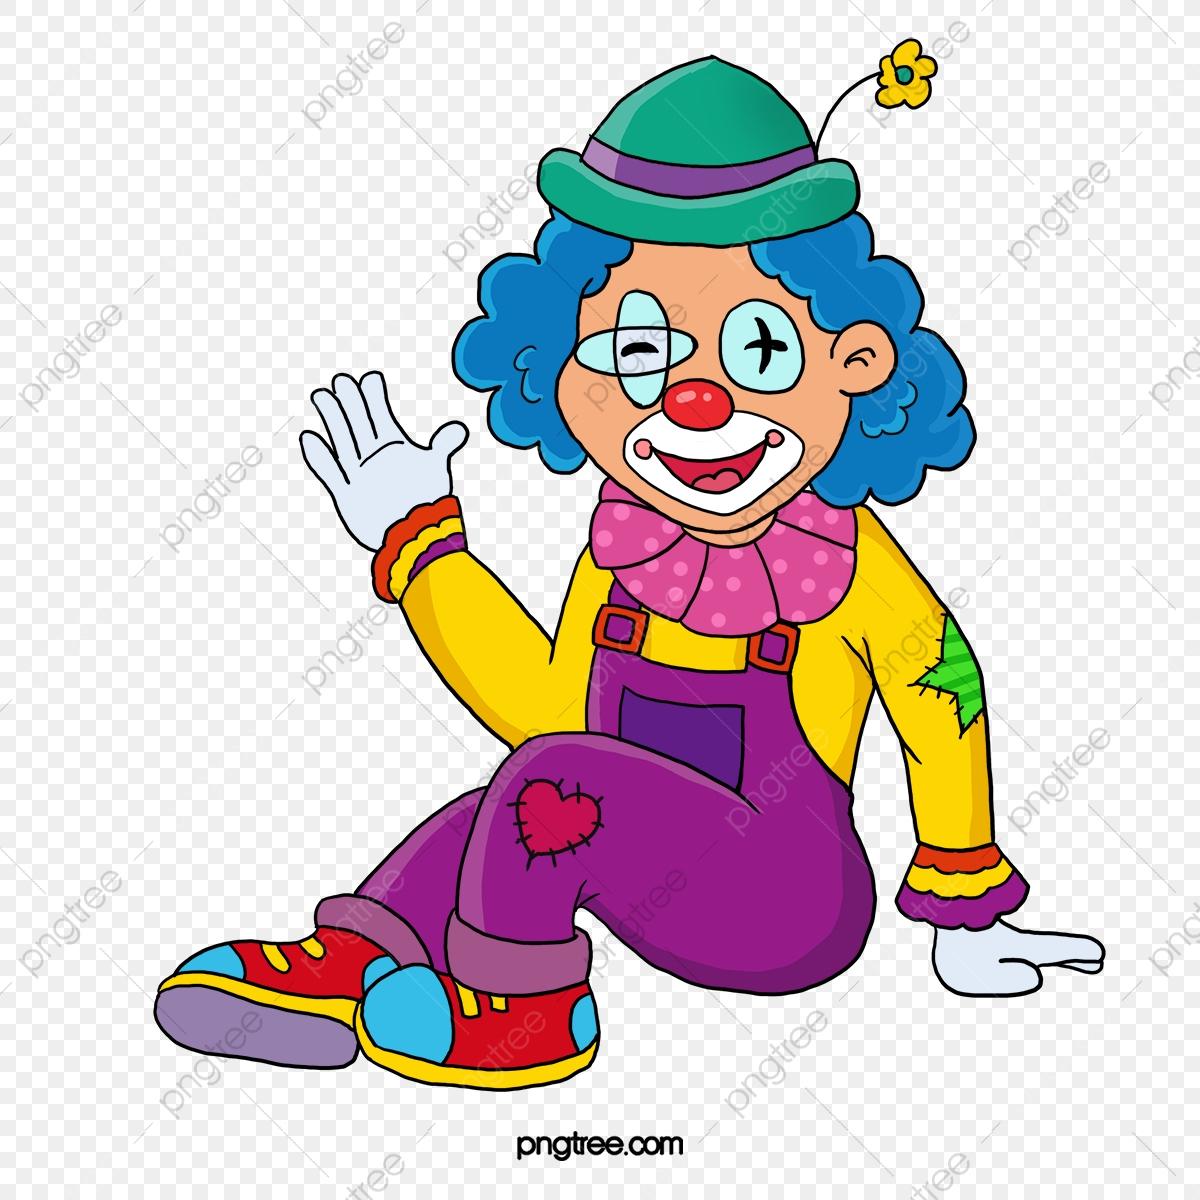 Le Vecteur De Couleur Bonjour, Le Vecteur De Clown, Clown destiné Dessin De Clown En Couleur